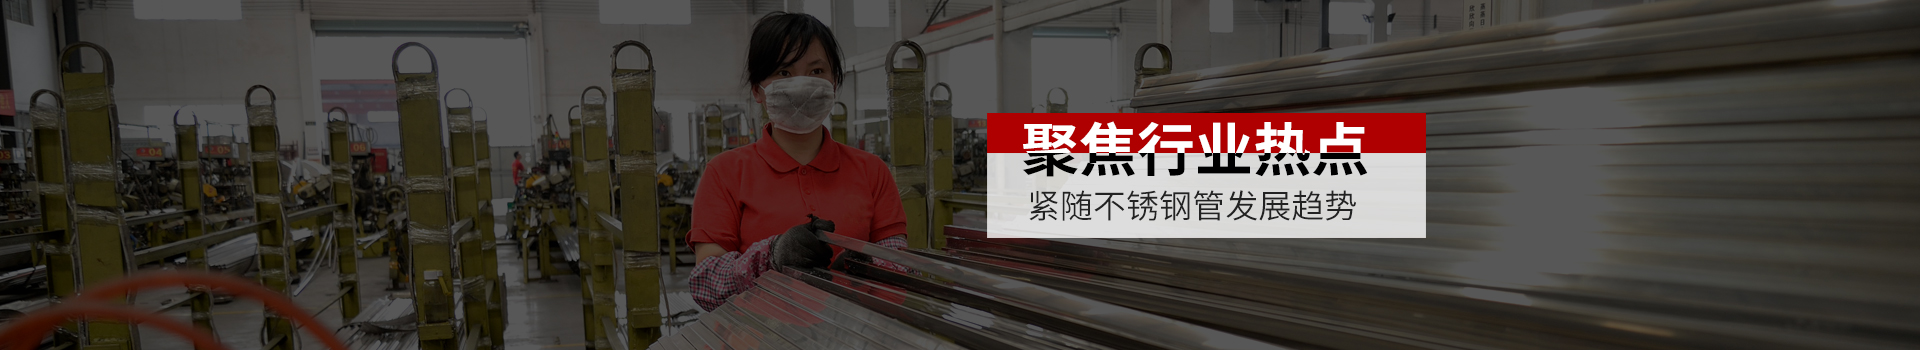 管刚强--聚焦行业热点  紧随不锈钢管发展趋势